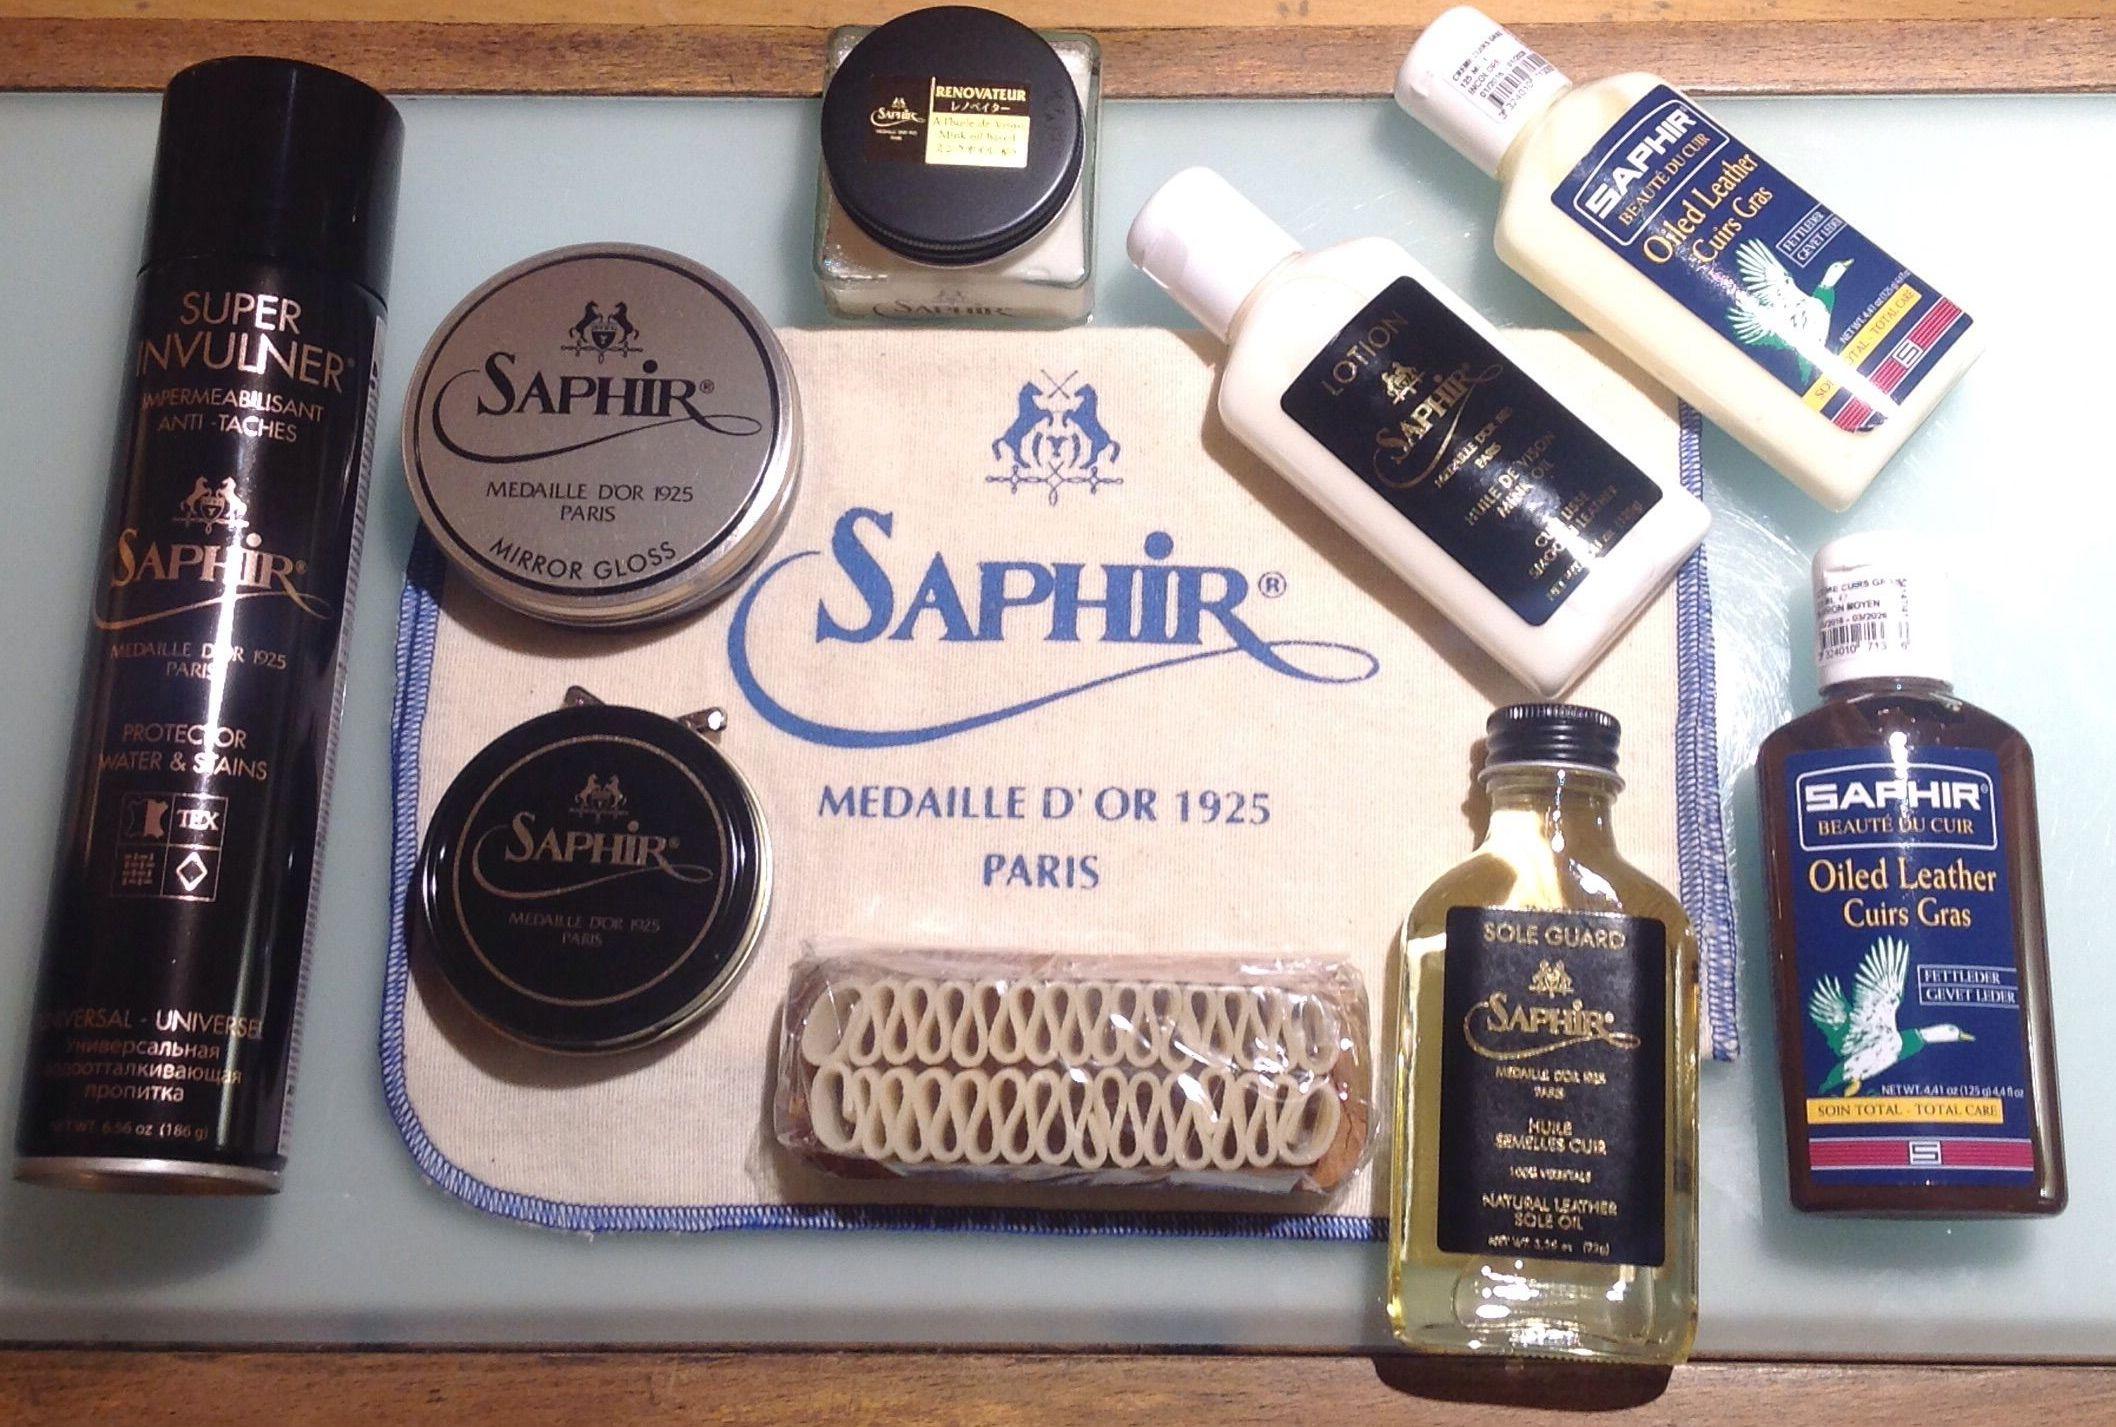 Accesorios Allen-Edmonds y Saphier (Medalla de Oro): Productos de Tubet Zapateros